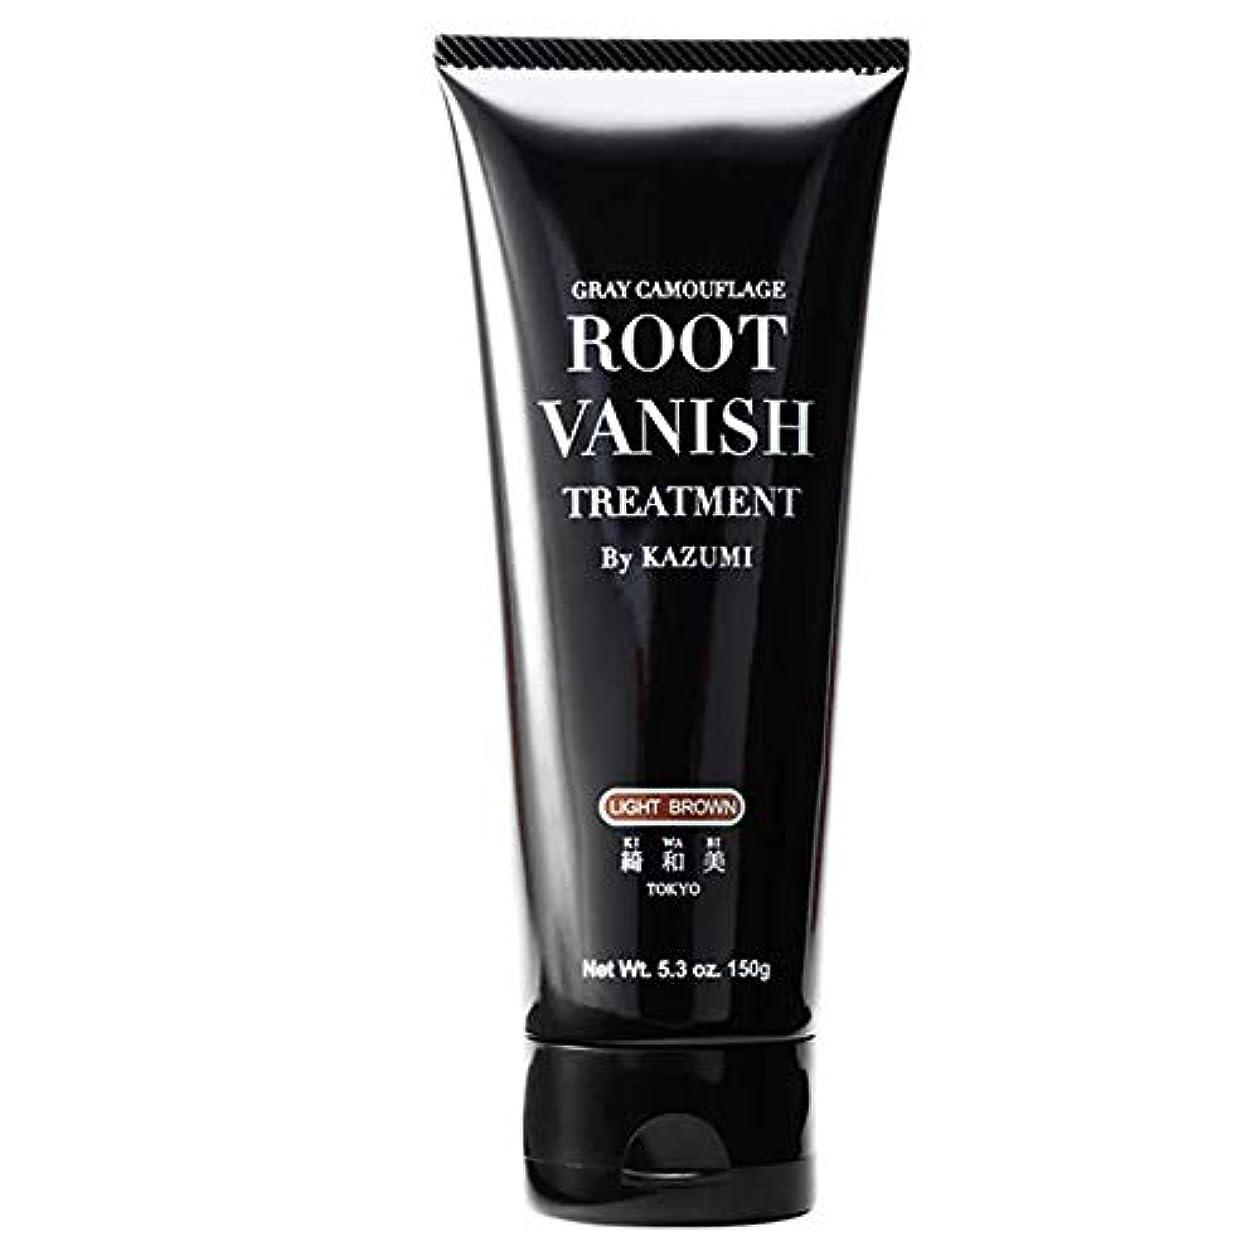 ライオンセレナセールRoot Vanish 白髪染め (ライトブラウン) ヘアカラートリートメント 女性用 [100%天然成分 / 無添加22種類の植物エキス配合]